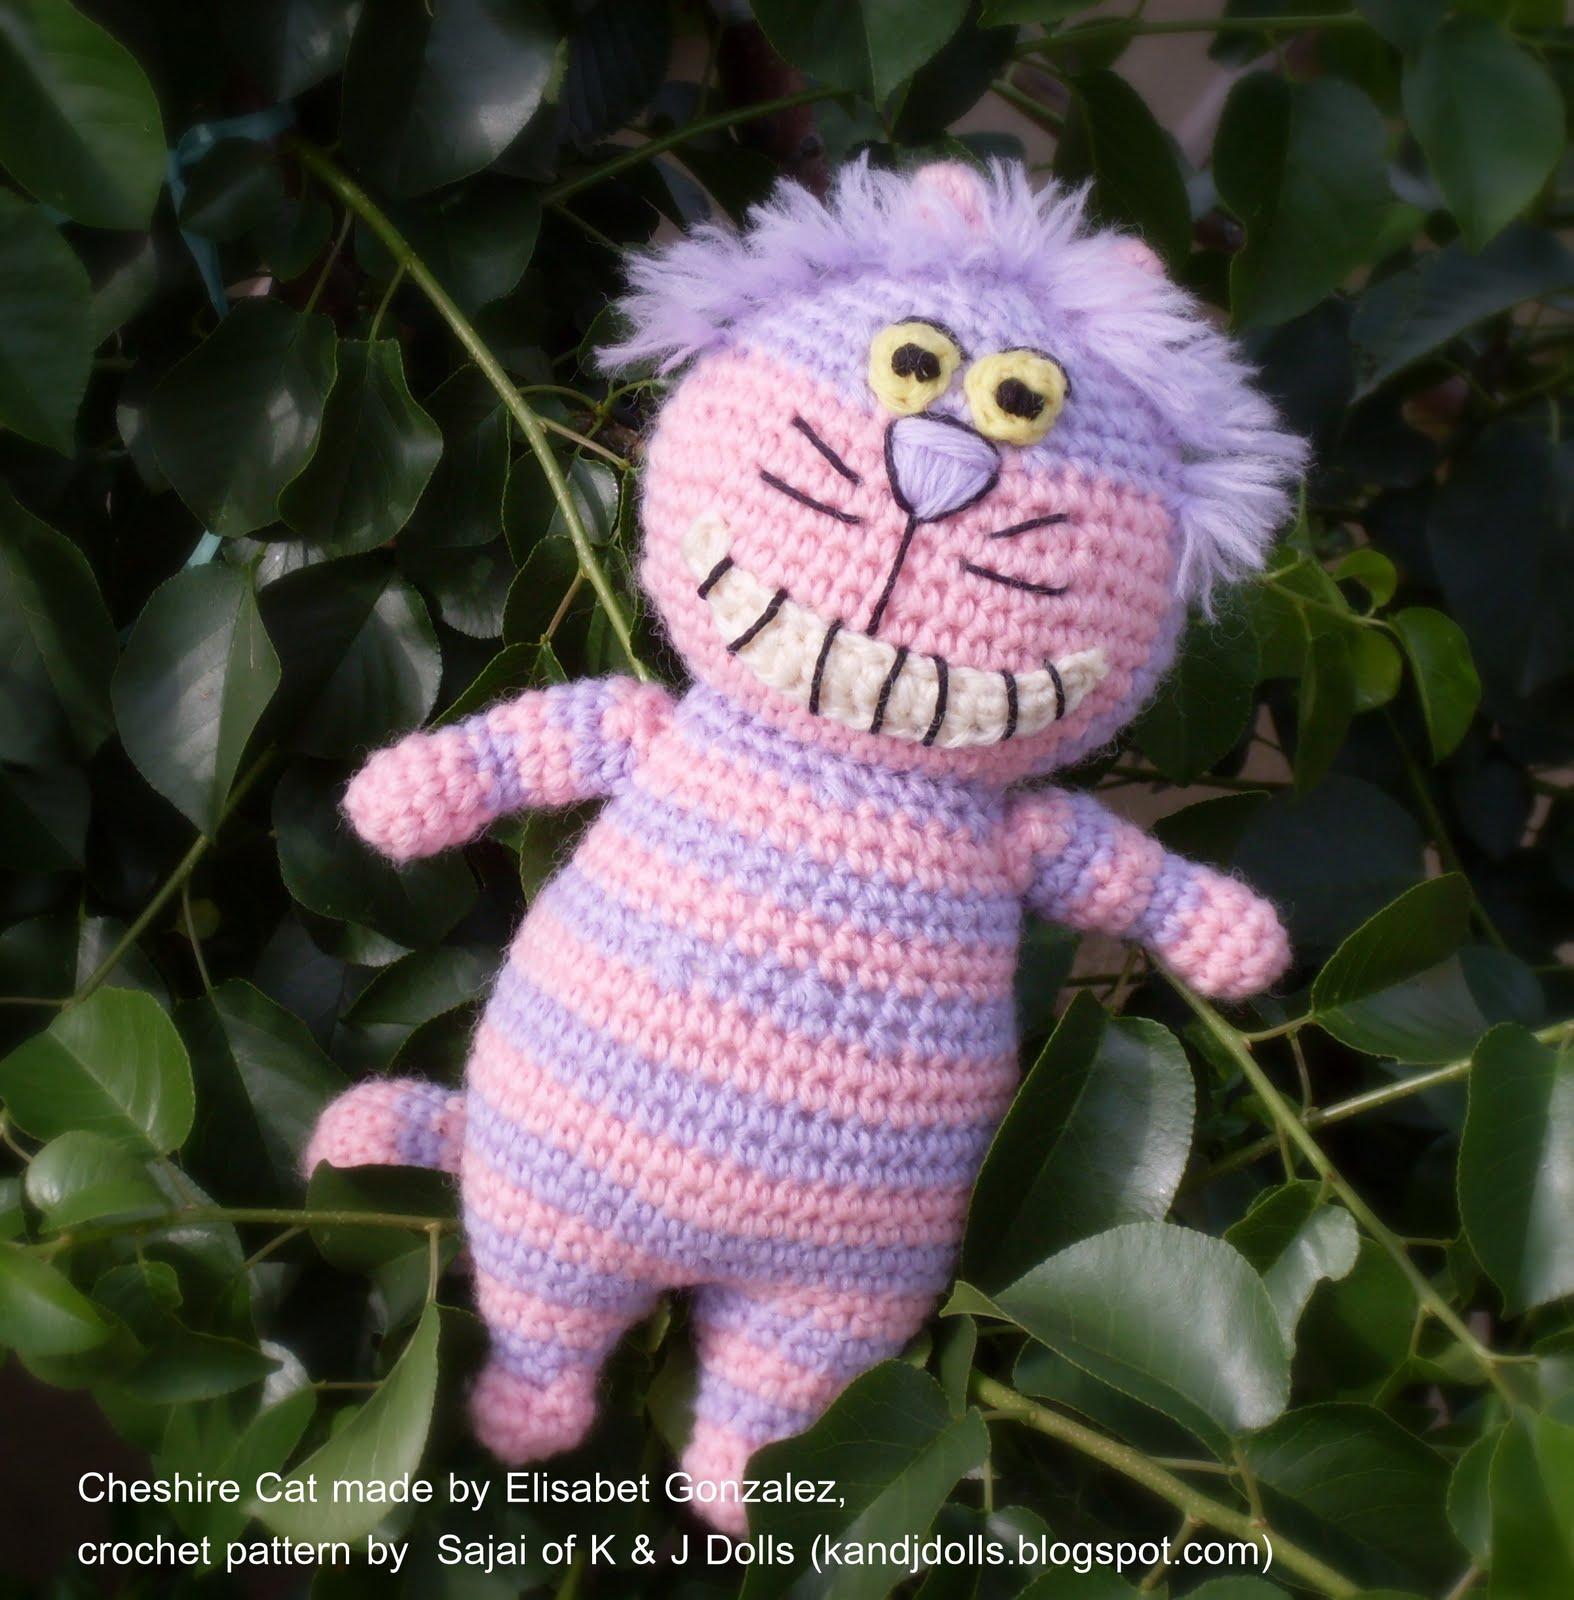 Cheshire Cat Amigurumi : Cheshire Cat - Sayjai Amigurumi Crochet Patterns ~ K and J ...